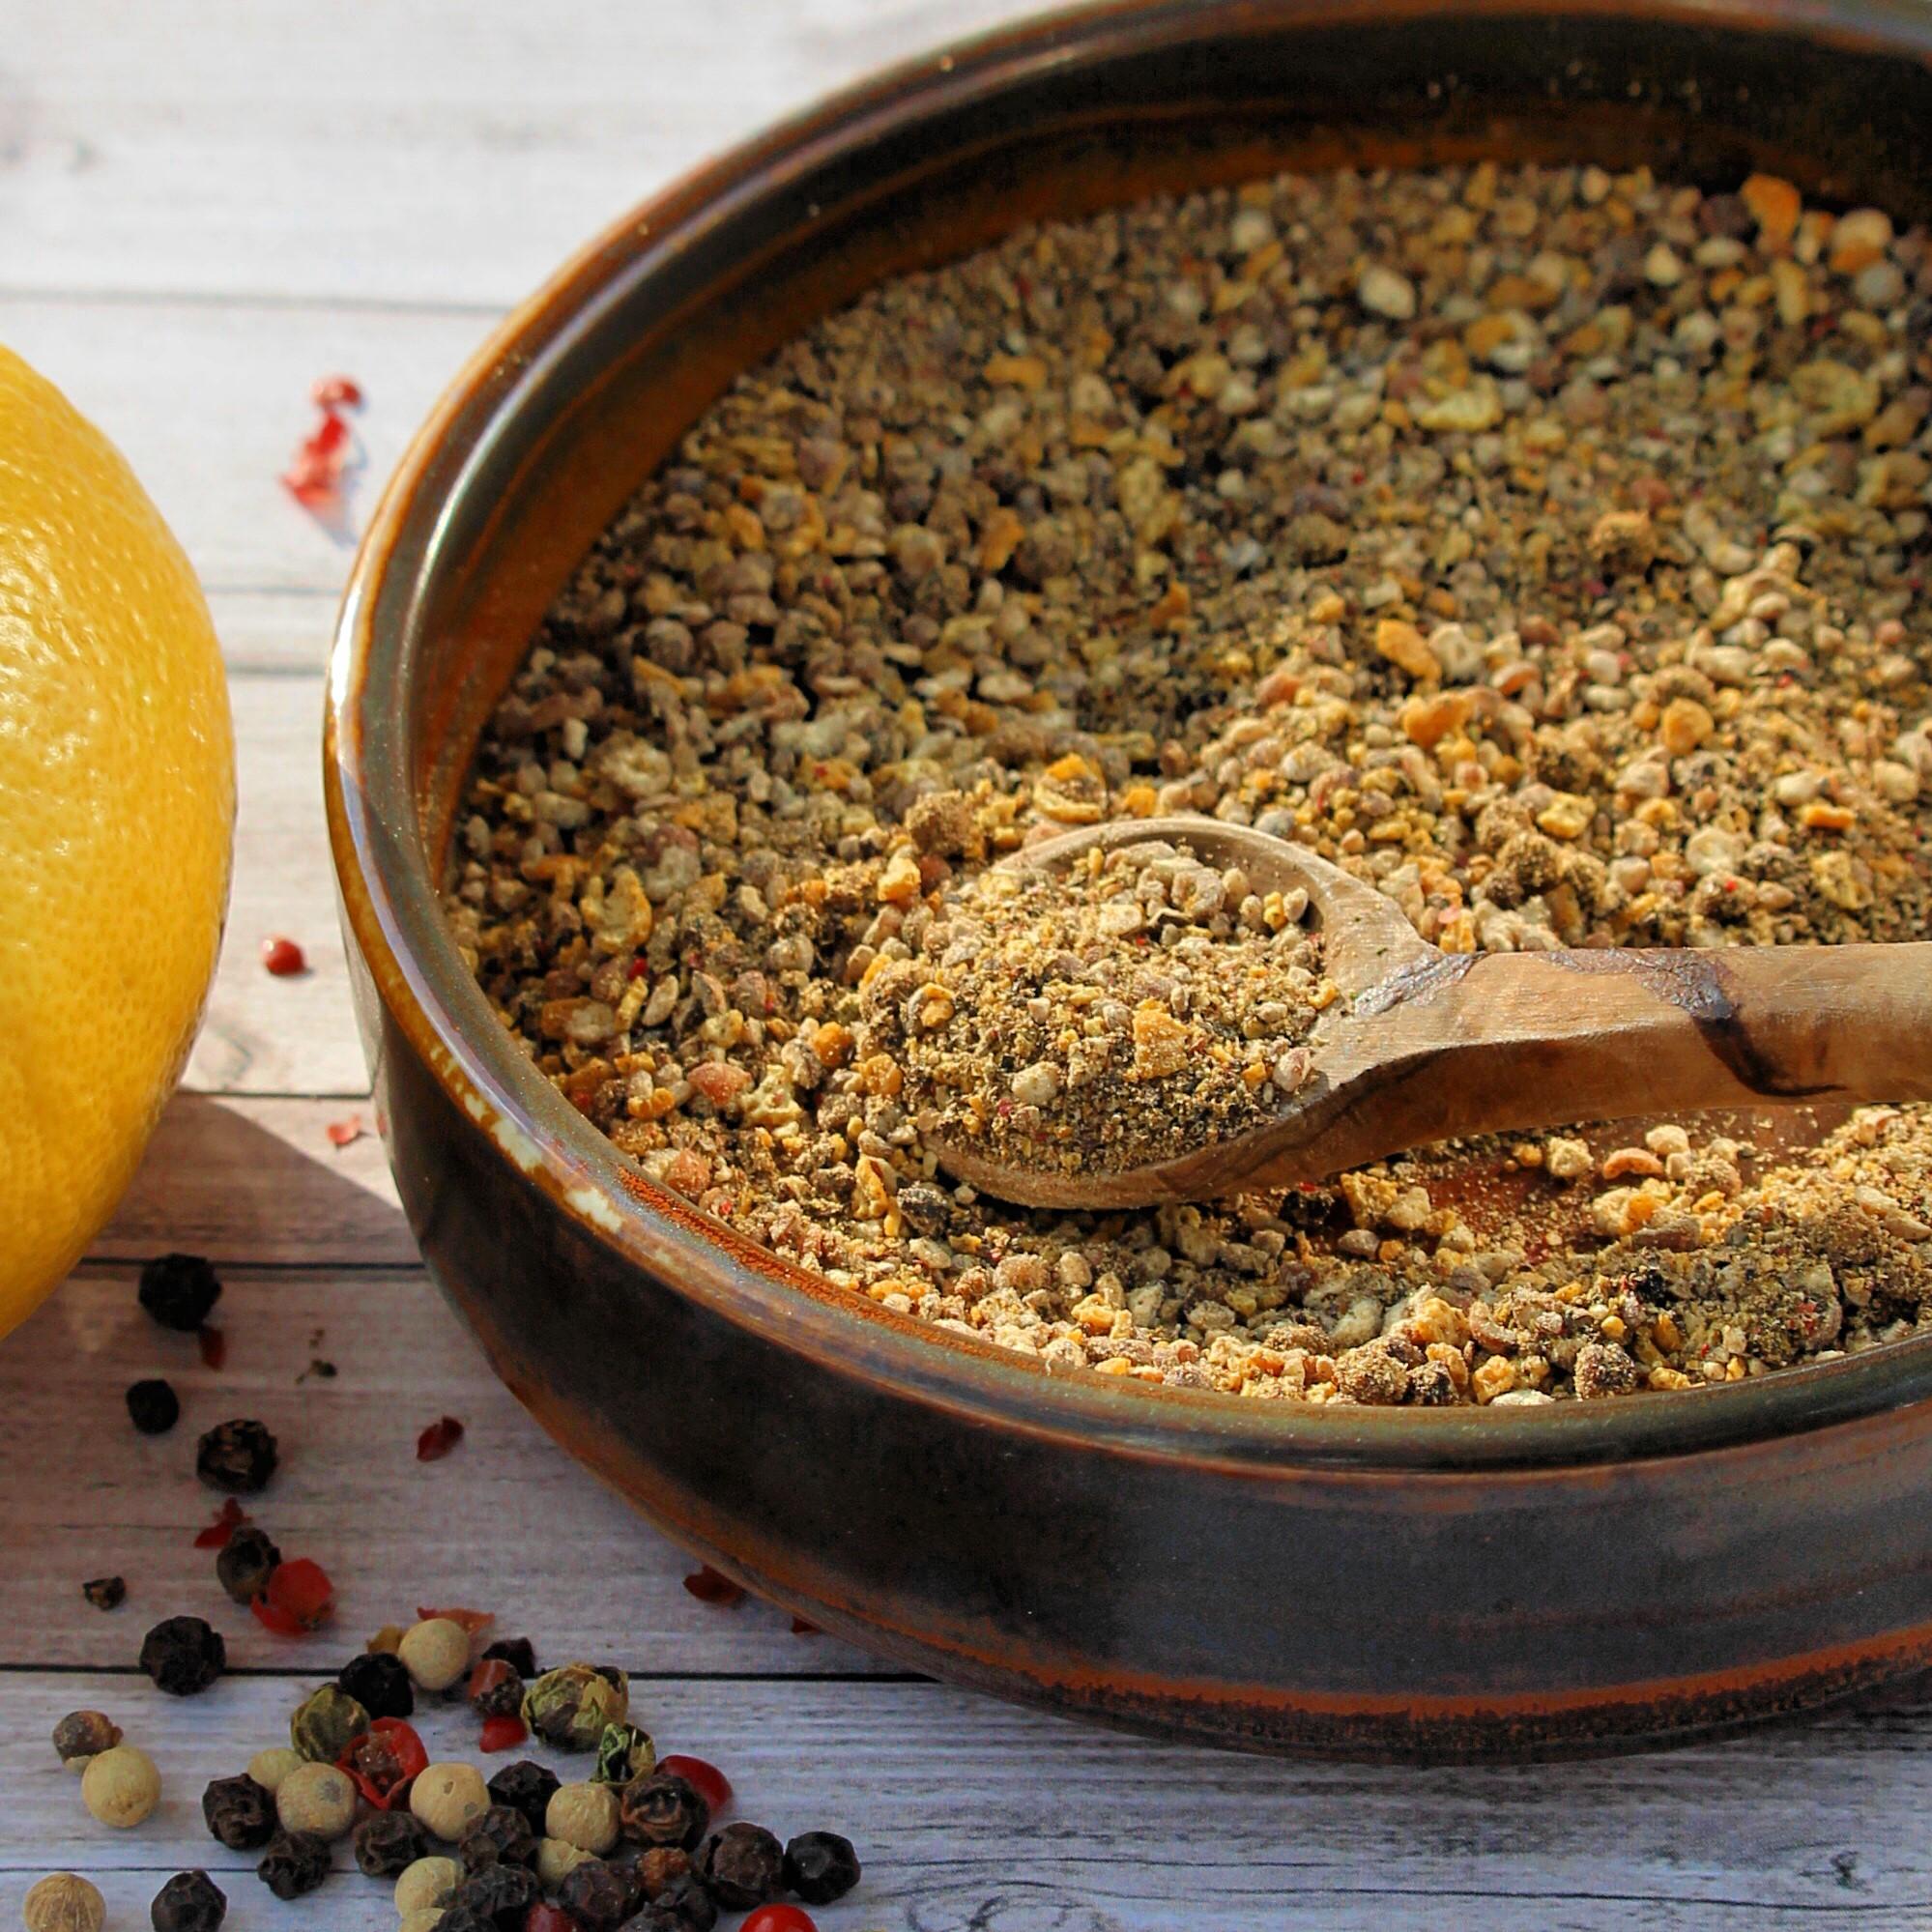 Homemade Lemon-Pepper Seasoning